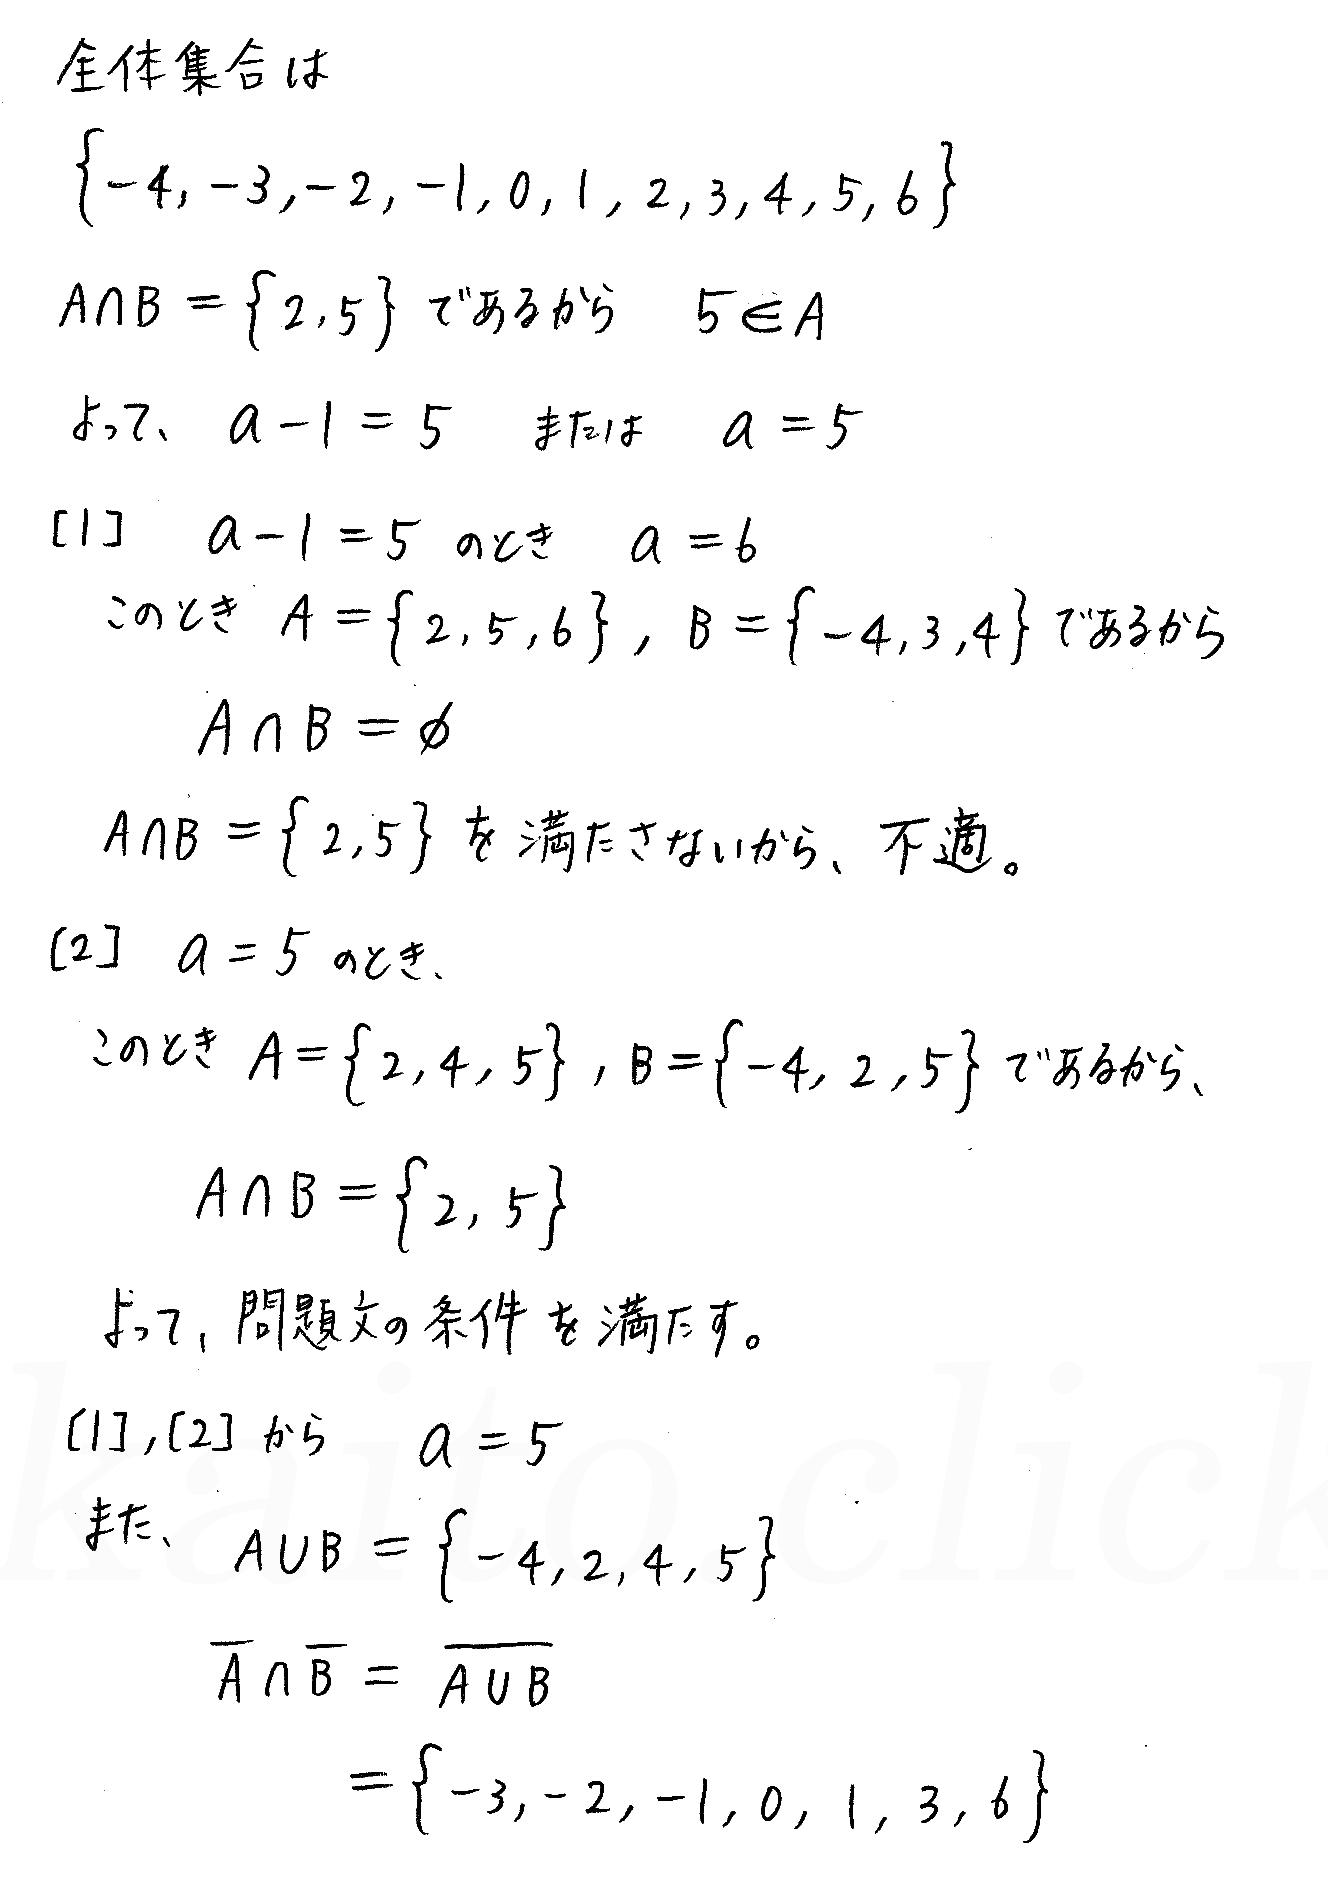 クリアー数学A-9解答